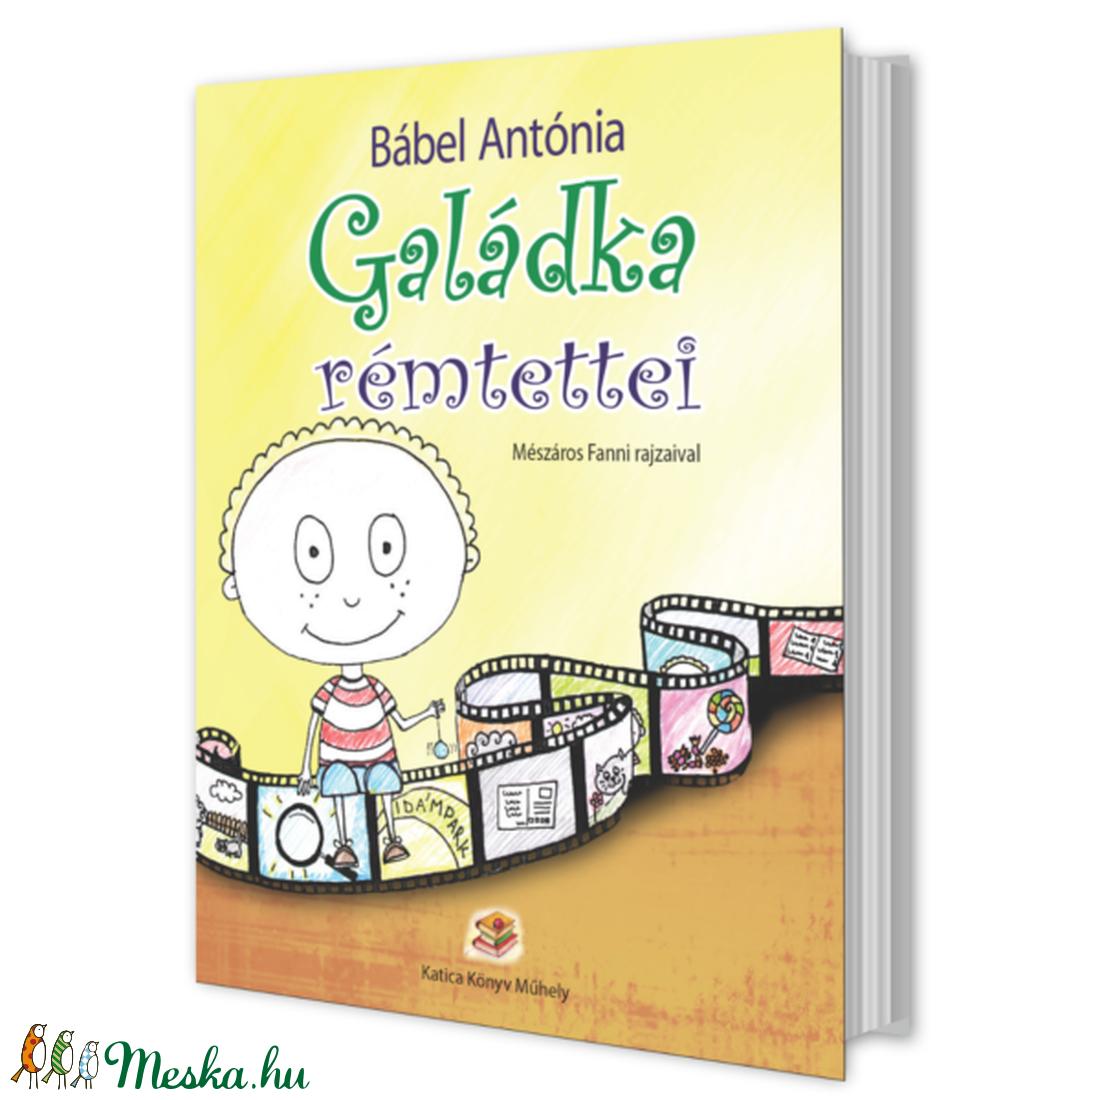 Galádka rémtettei című mesekönyv - VIGYÁZAT! Nemzetközi Gyermekfilm Fesztivál döntős történet! :)  - otthon & lakás - papír írószer - könyv - Meska.hu